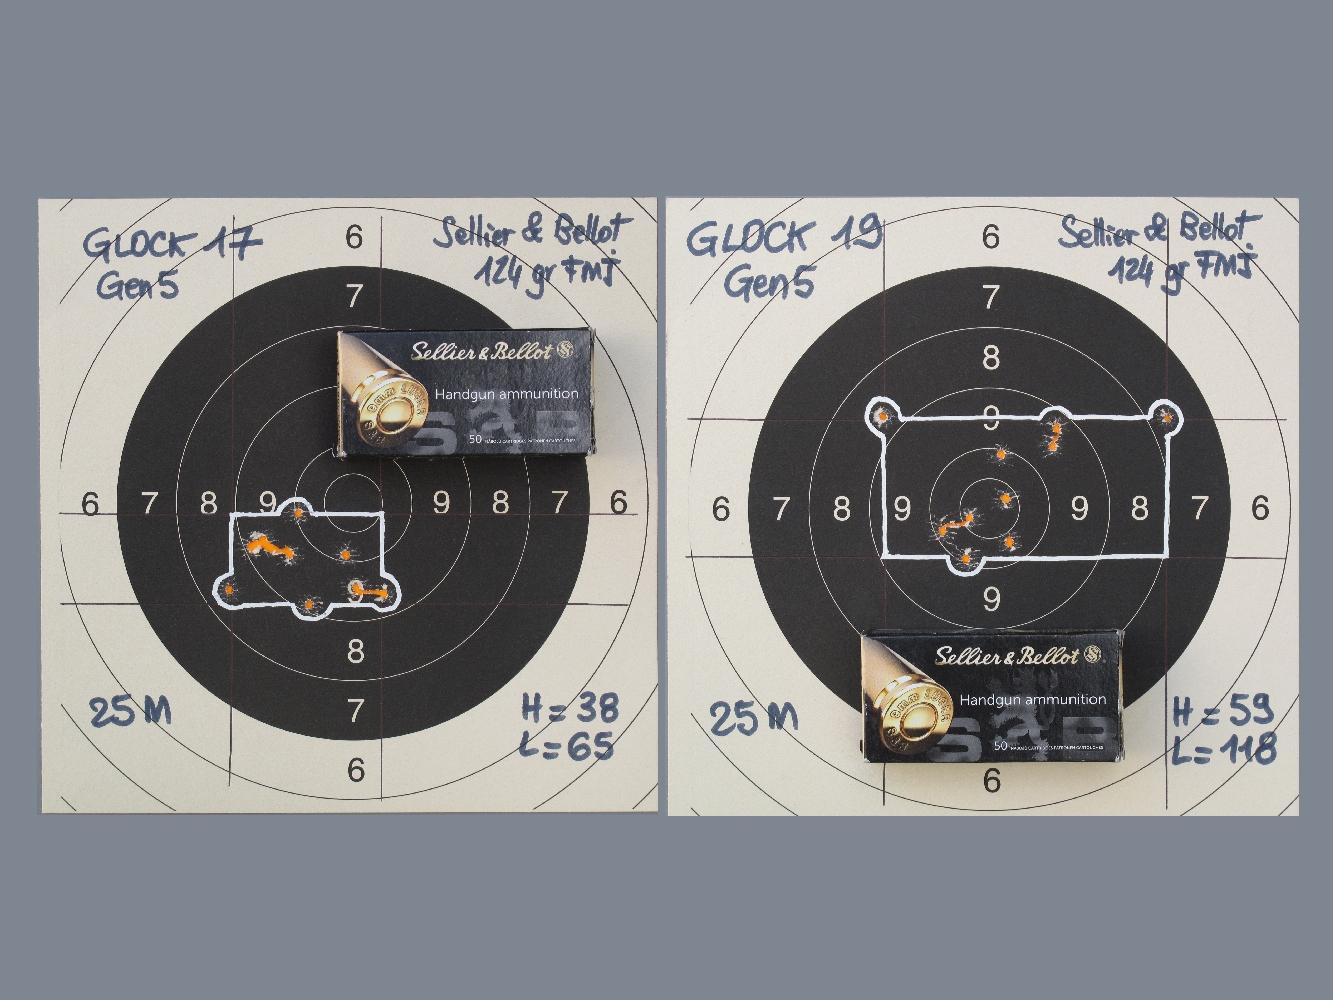 Hormis quelques rares exceptions qui confirment la règle, les groupements de 10 coups réalisés sur appui à la distance de 25 mètres avec diverses munitions manufacturées mettent très clairement en évidence la meilleure précision en cible du Glock 17 comparée à celle du Glock 19.